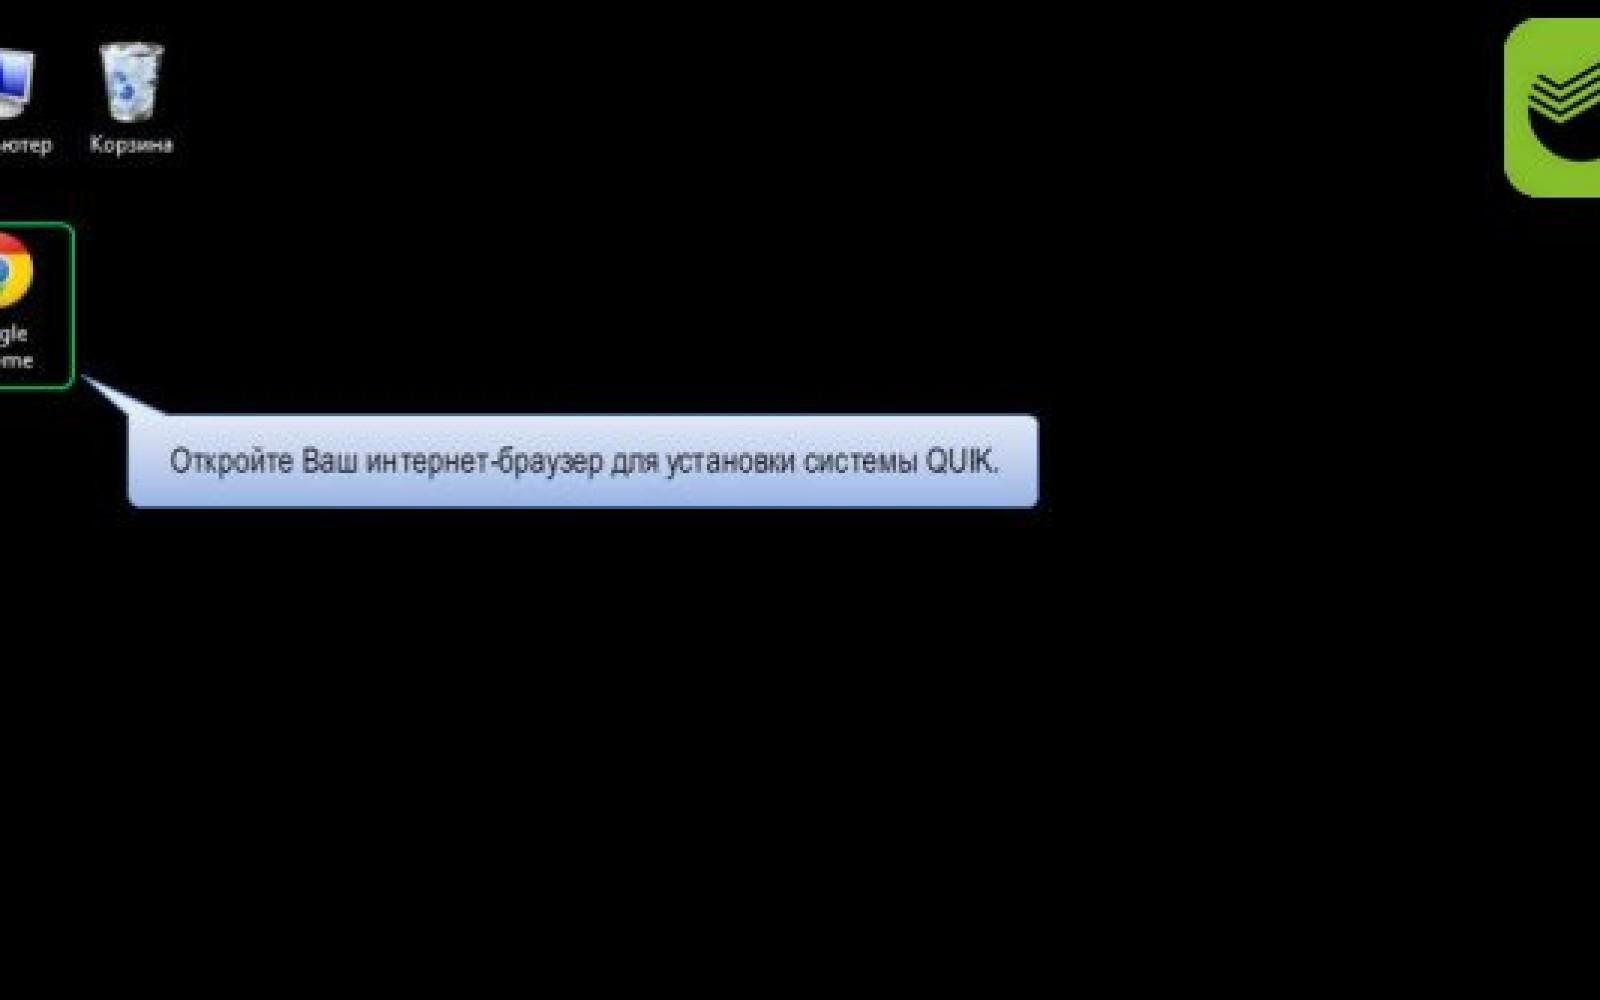 Купить акции Газпрома физическому лицу в Сбербанке 1